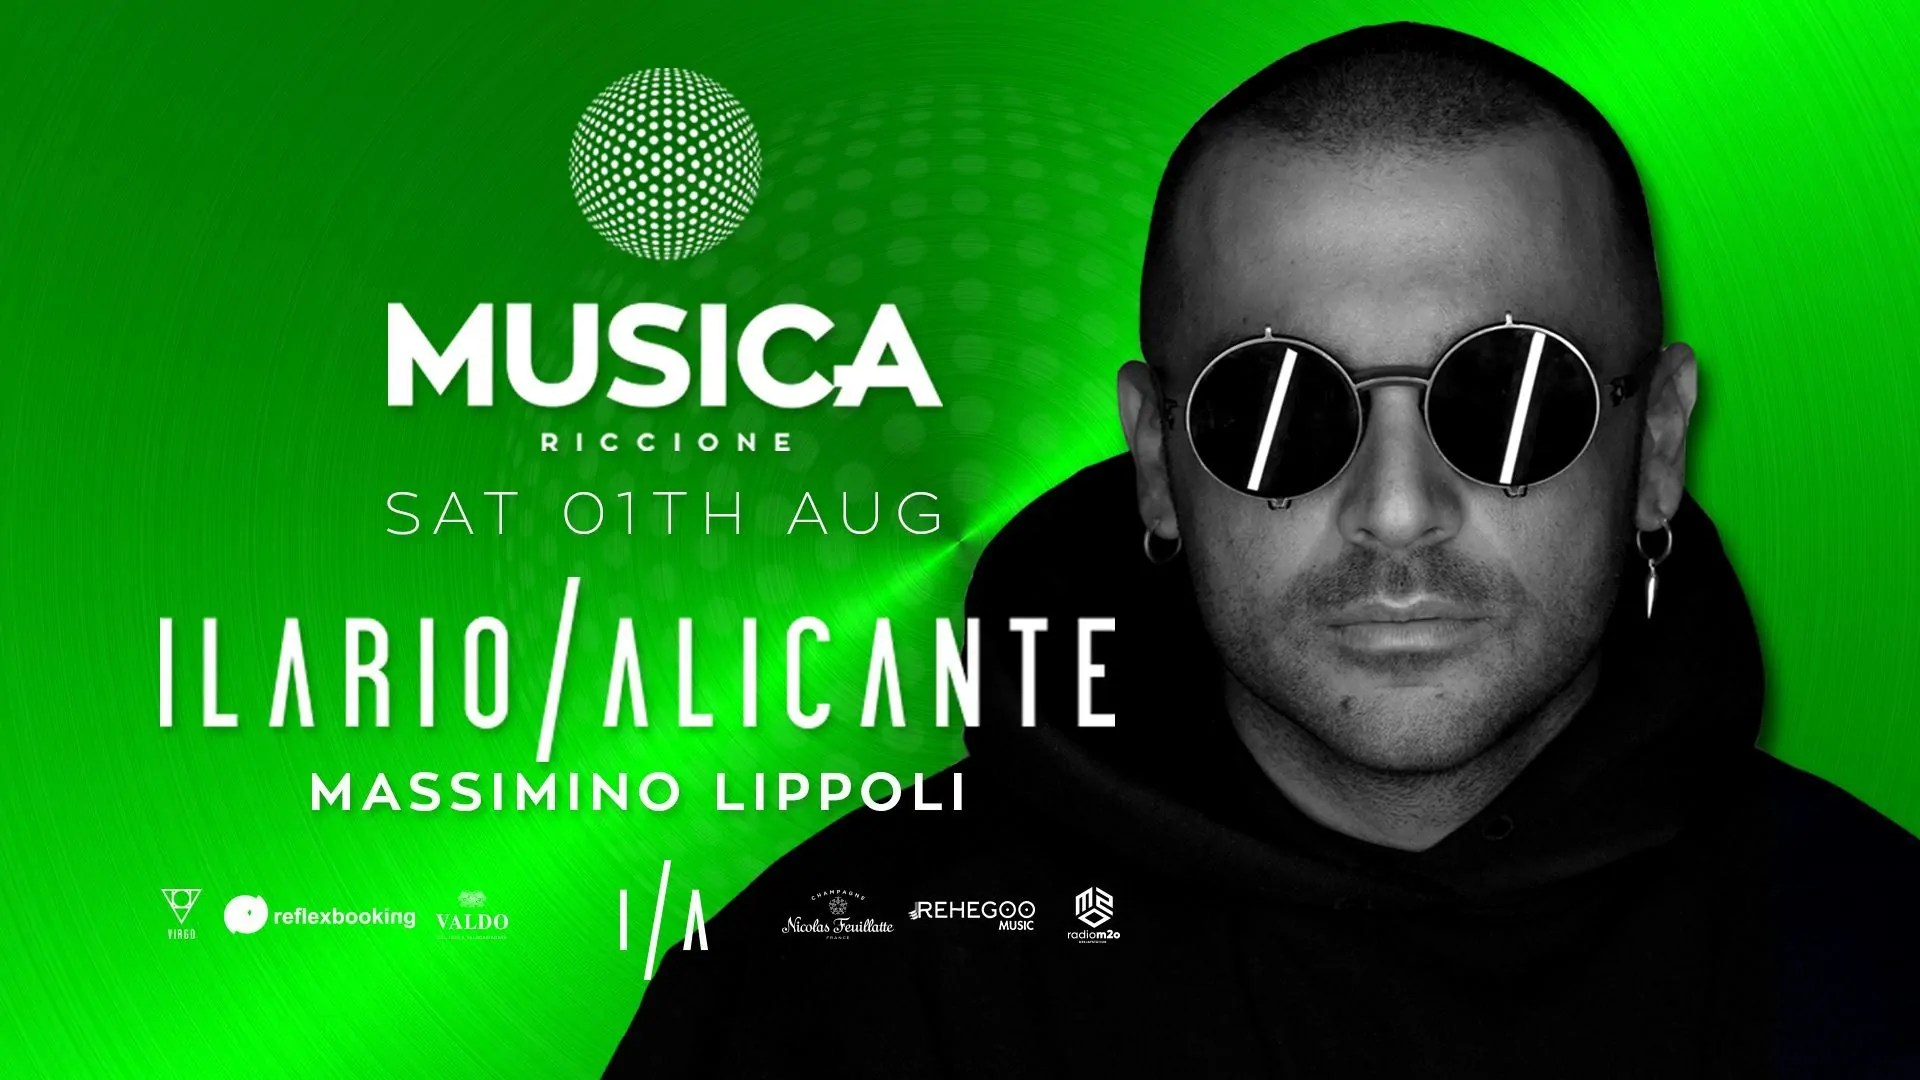 ILARIO ALICANTE MUSICA RICCION 01 AGOSTO 2020